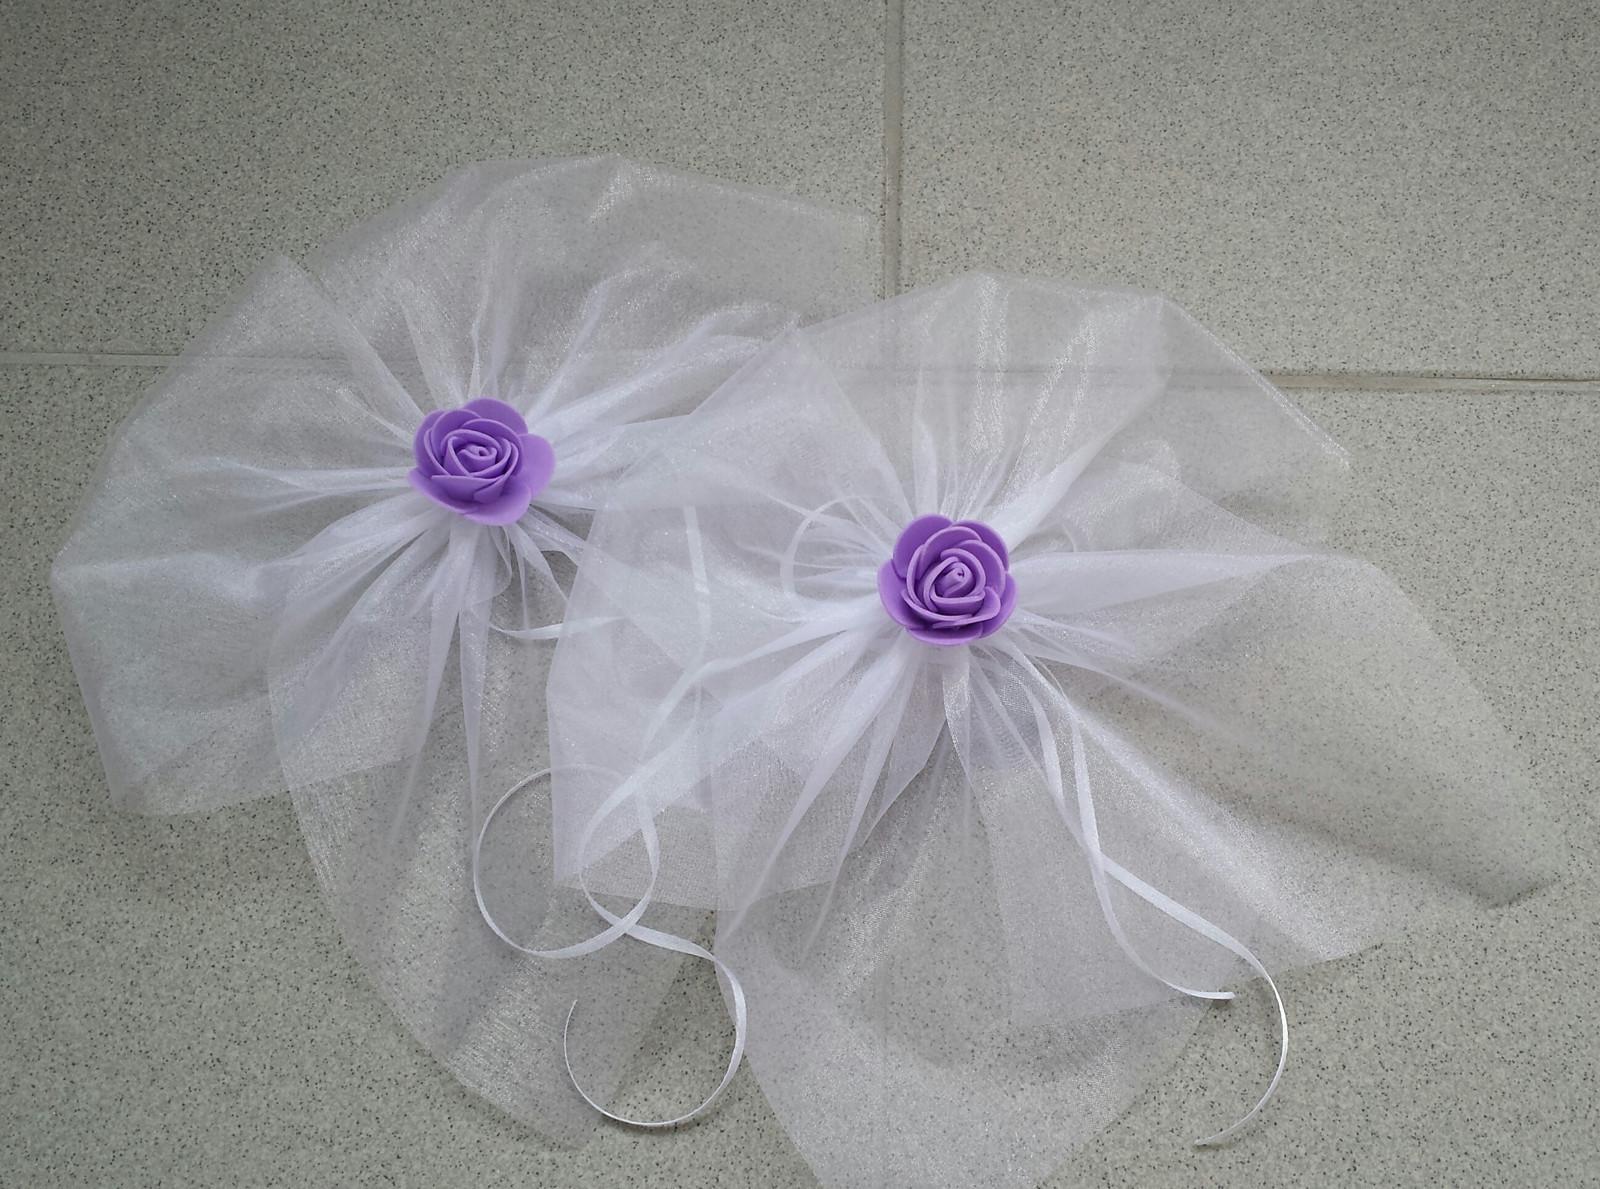 BÍLÁ mašle na zrcátka/kliky fialová květinka - Obrázek č. 1